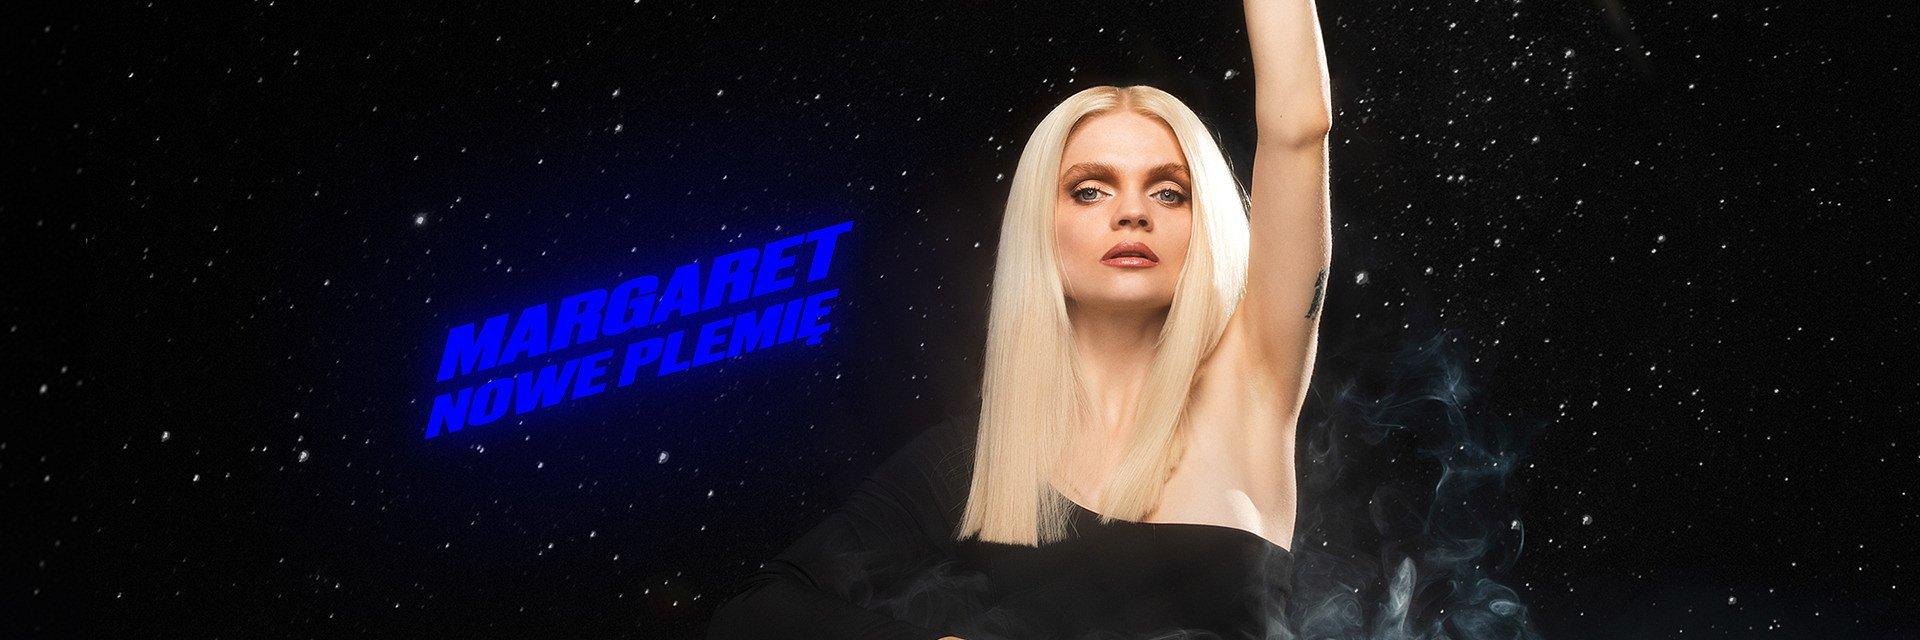 Nowy singiel Margaret w wytwórni Sony Music Poland!